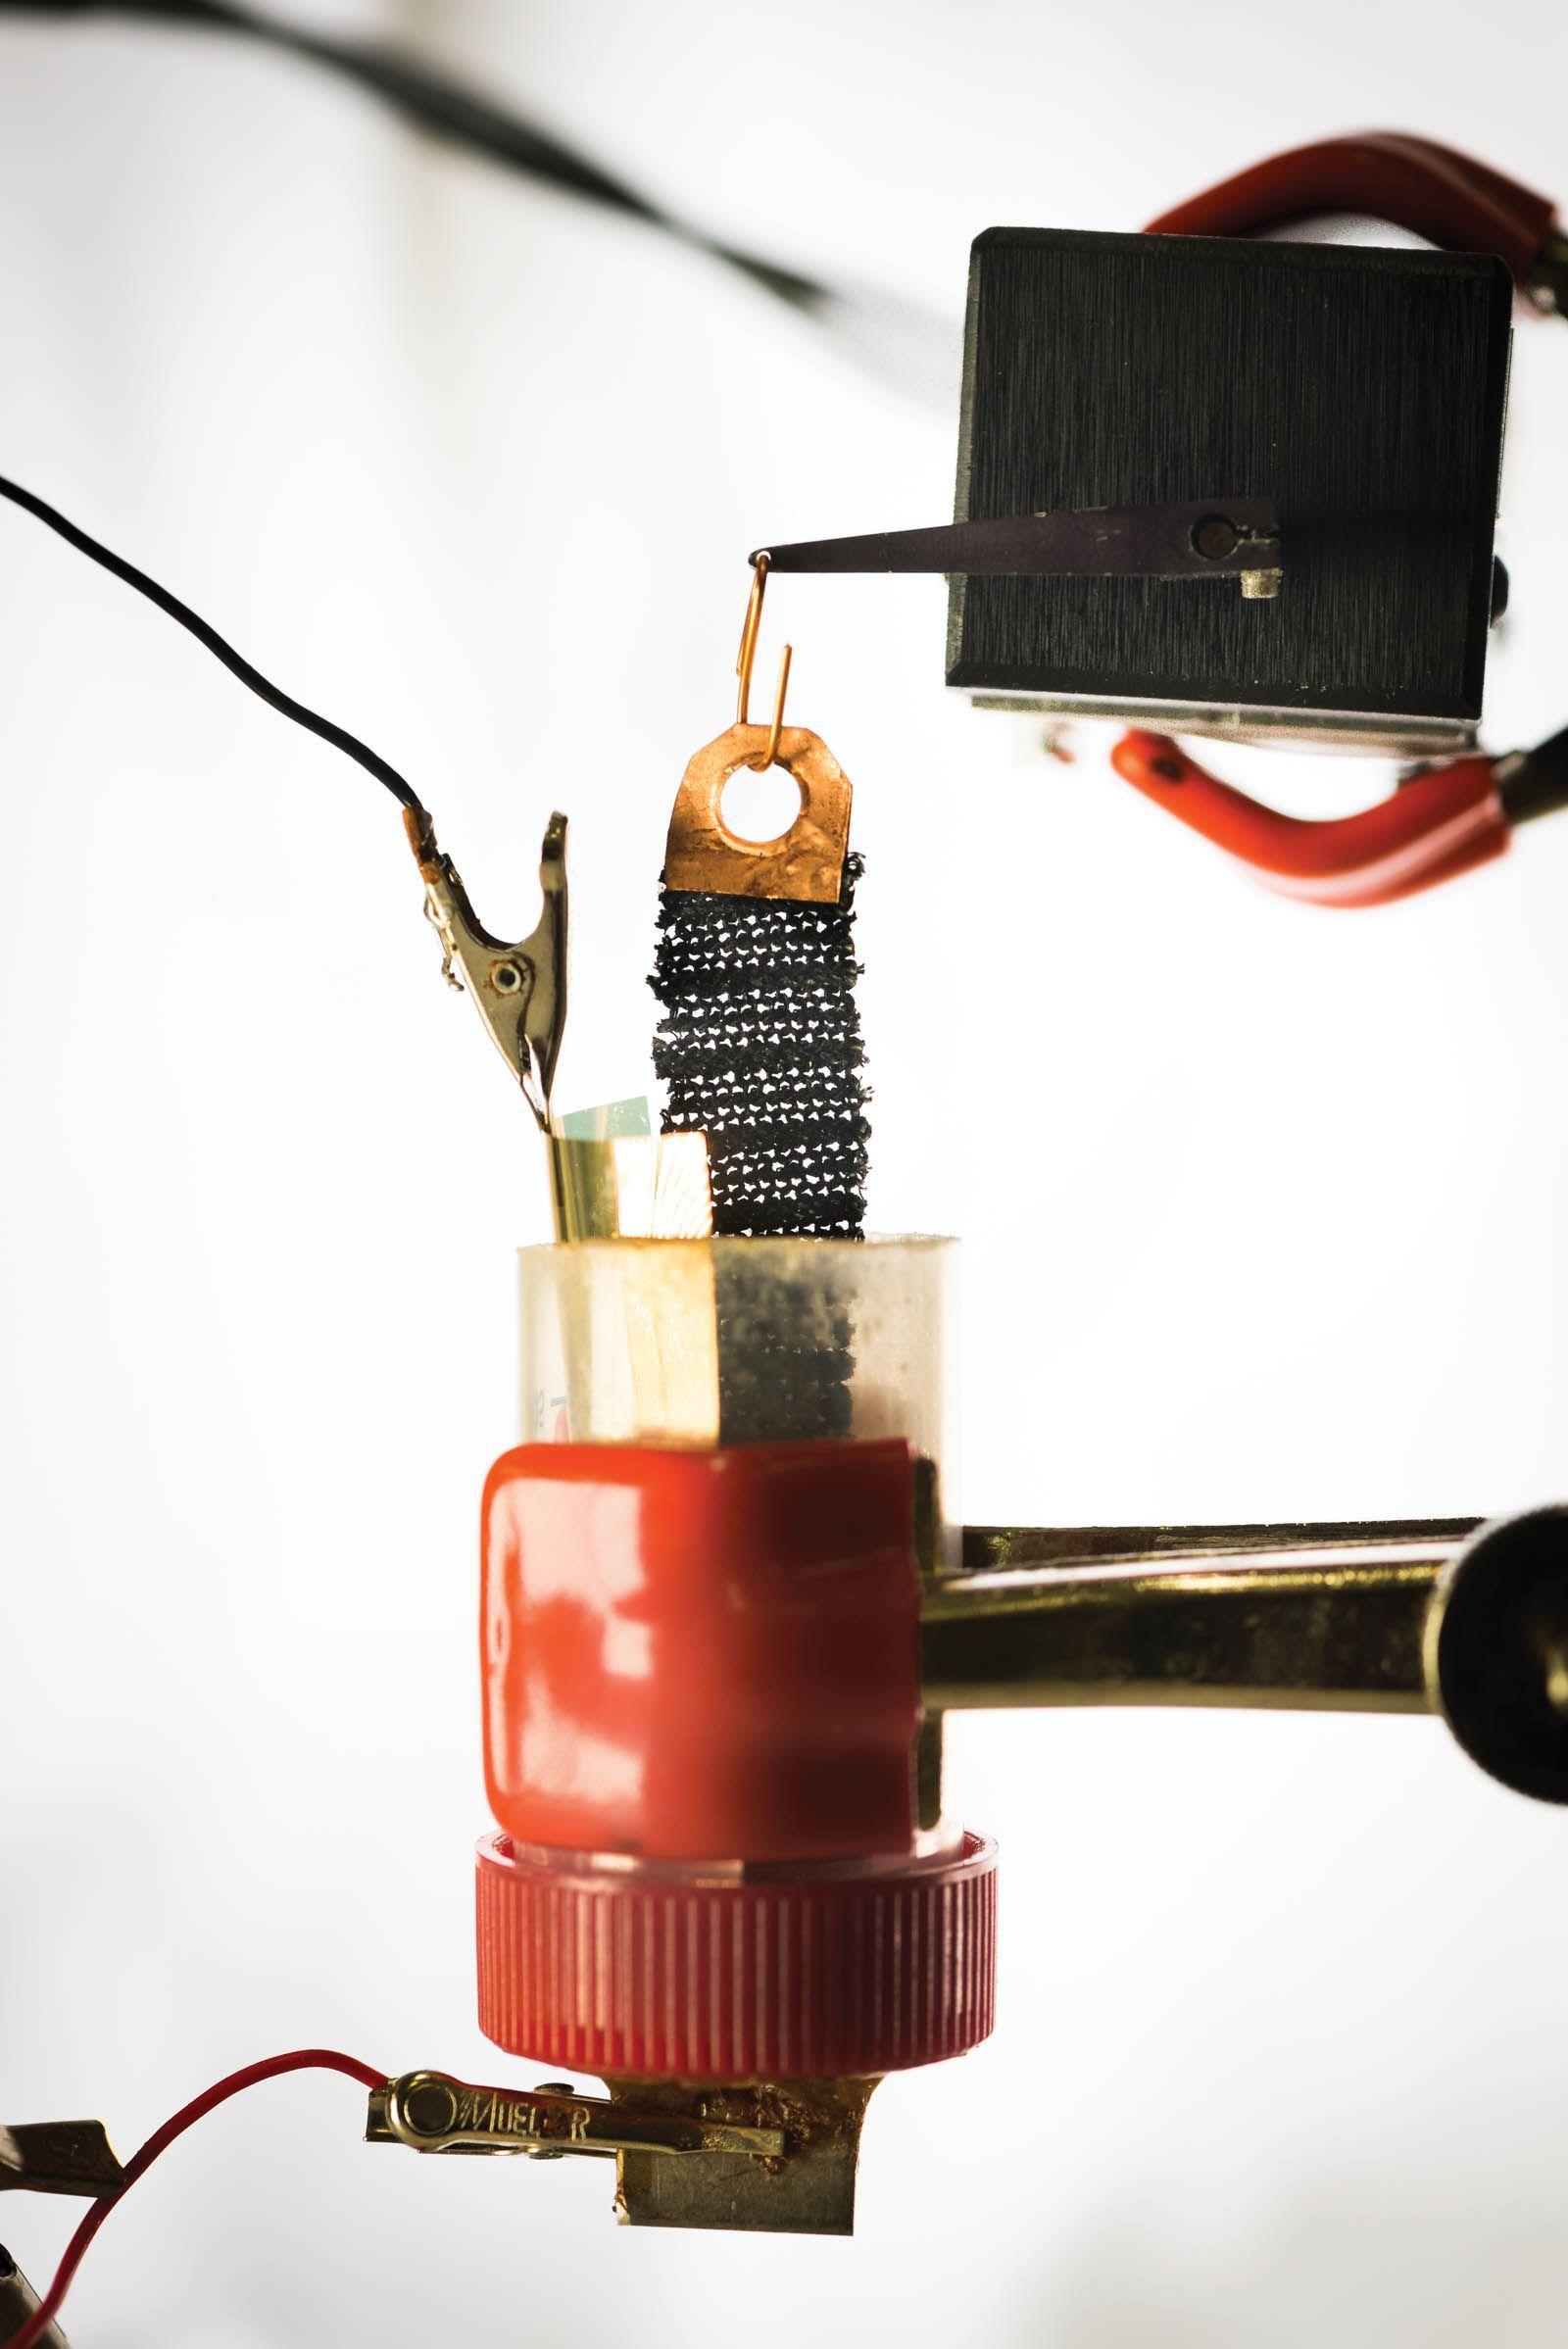 Электрическое покрытие превращает обыкновенную ткань в мягкий экзоскелет